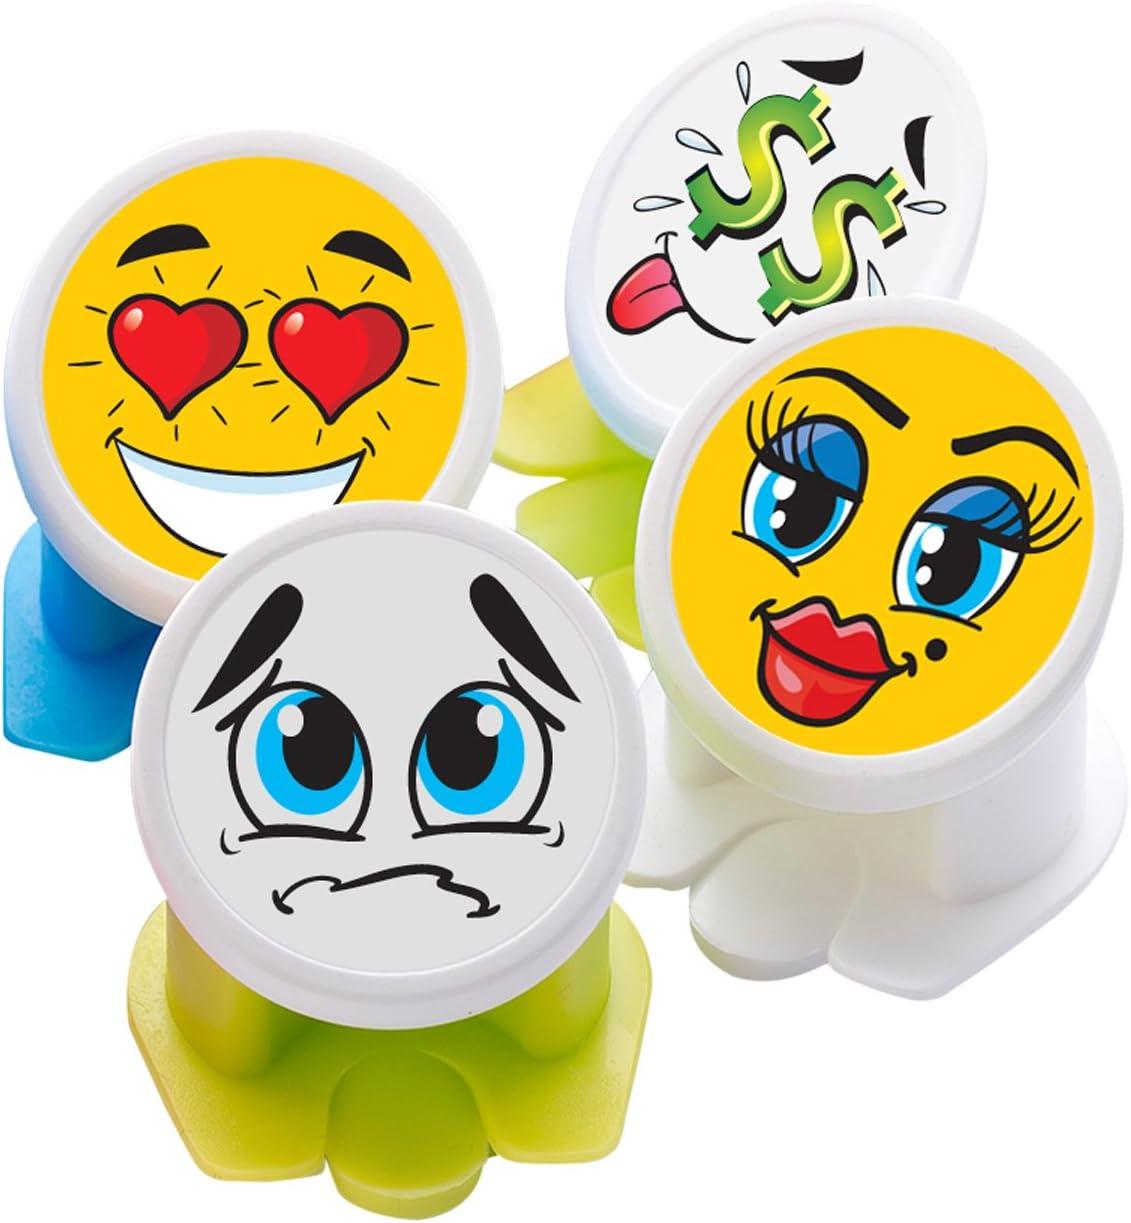 Canper es un nuevo tapón de latas reutilizable para el consumo higiénico de bebidas enlatadas – Pajita multiusos para latas de refresco (Emoji 4 Pack)